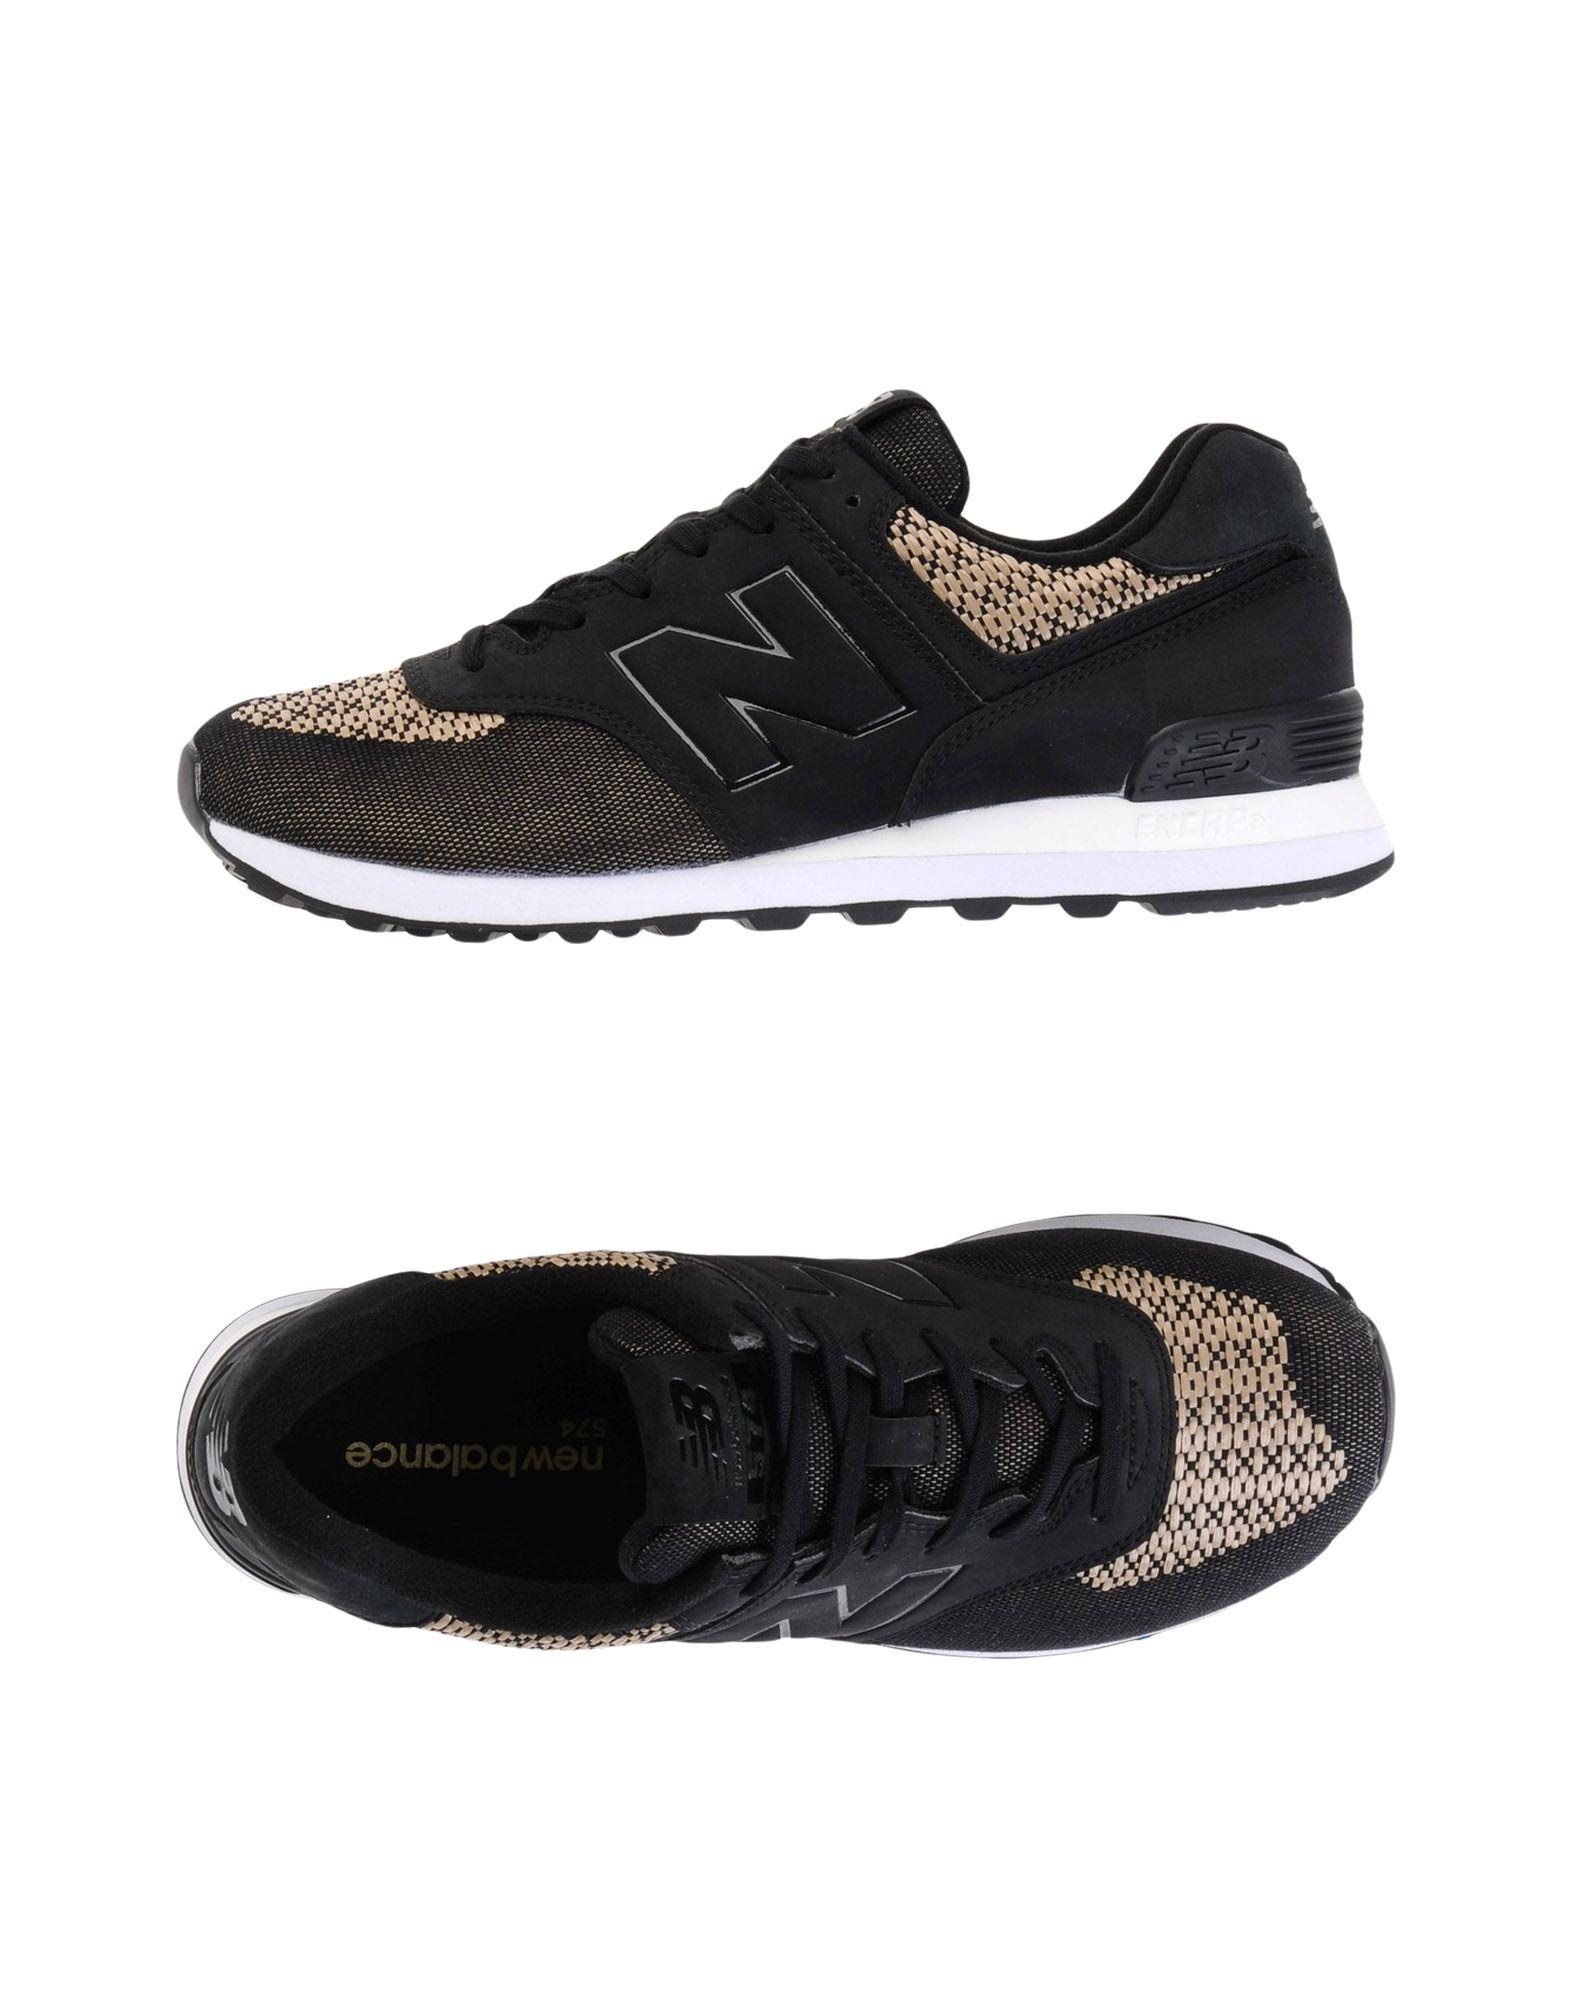 New Balance 574 Tech Raffia Pack  11467207OH Gute Qualität beliebte Schuhe